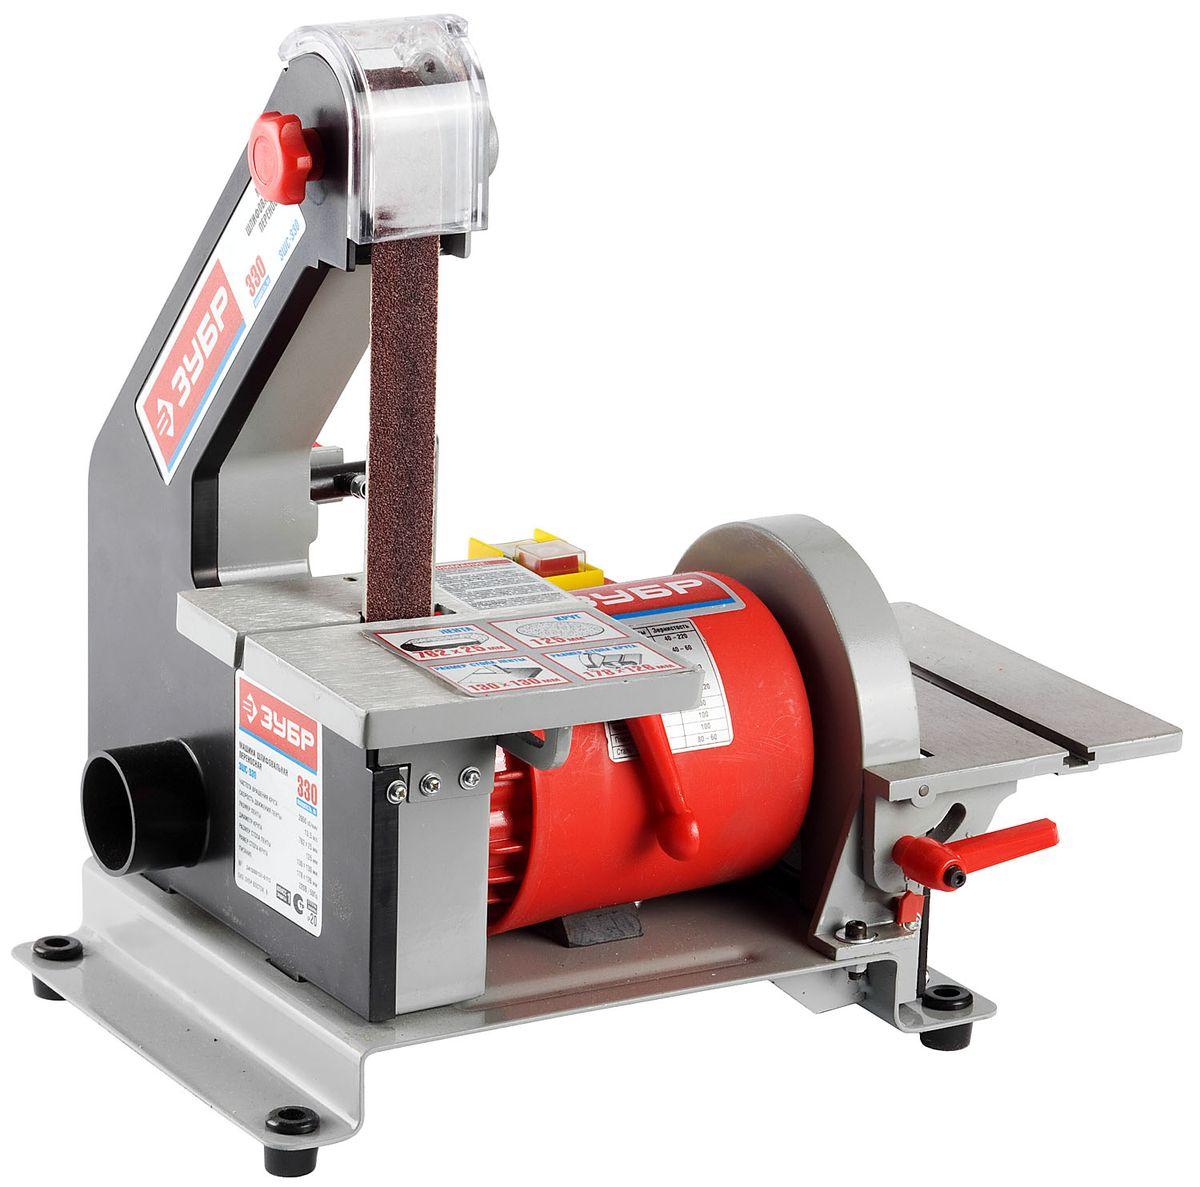 Станок шлифовальный ЗУБР ЗШС-330, лента 762 x 25 мм, диск 125 мм, 330 ВтЗШС-330Машина шлифовальная переносная предназначена для обработки деревянных заготовок с помощью гибких абразивных материалов. Два шлифовальных инструмента - лента и круг - позволяют обрабатывать любые заготовки, а также, не меняя шлифовального материала, производить различные виды шлифования. Электромагнитный выключатель, предотвращающий случайное включение при восстановлении напряжения. Регулируемый наклон рабочих столов в сочетании с произвольным углом подачи заготовки позволяют обрабатывать её в любой заданной плоскости.В комплект поставки входит:Машина шлифовальная - 1 шт.Стол рабочий - 2 шт.Рукоятка затяжки - 3 шт.Опора резиновая - 4 шт.Патрубок пылеотводный - 2 шт.Упор угловой - 1 шт.Ключ имбусовый - 2 шт.Руководство по эксплуатации - 1 экз.Станок шлифовальный, ЗУБР ЗШС-330, лента 762x25 мм, диск 125 мм, 2950 об/мин, 330 Вт